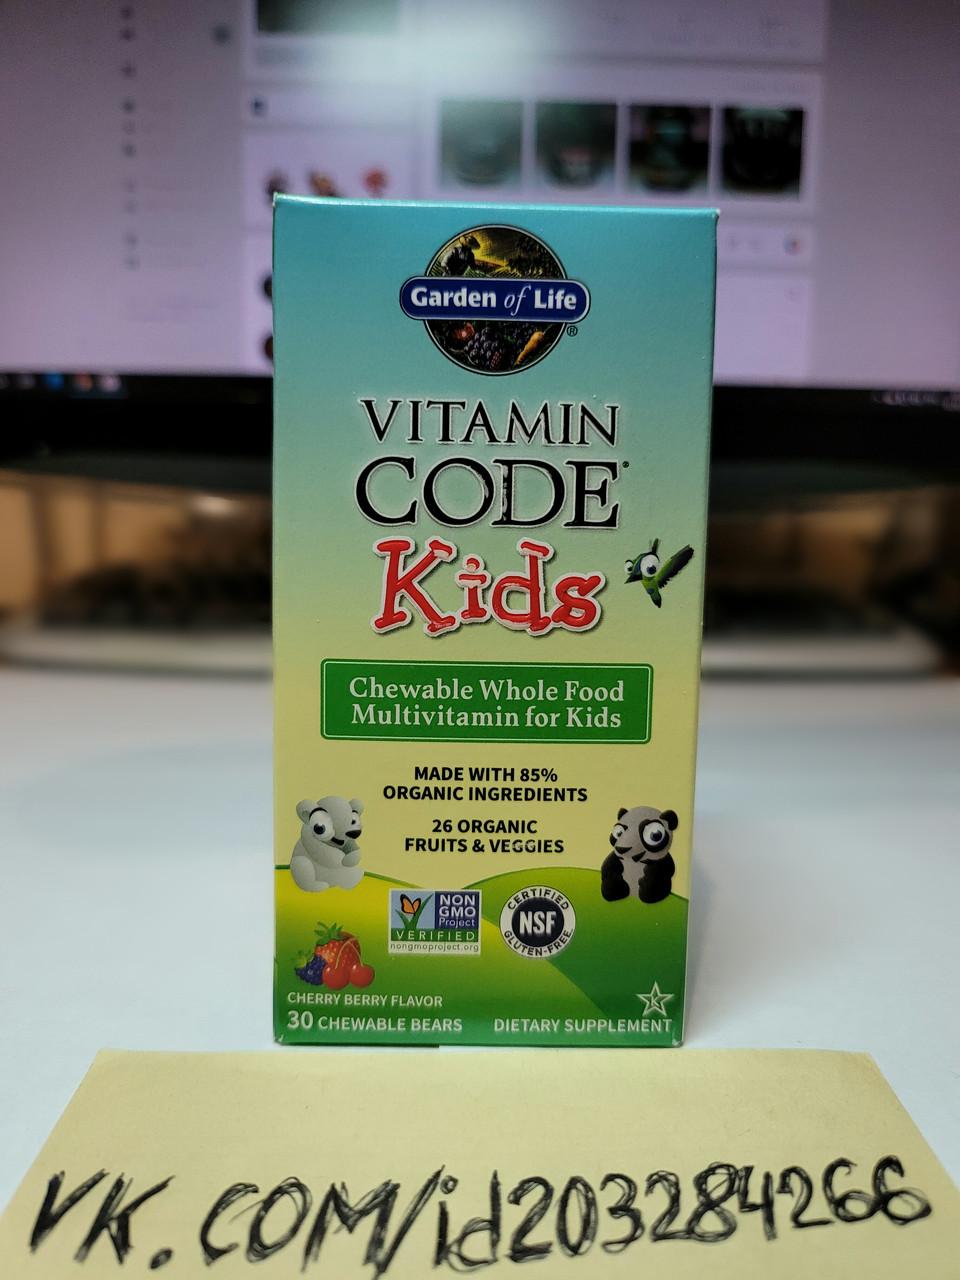 Витамины для детей Garden of Life Vitamin Code Kids 30 bears